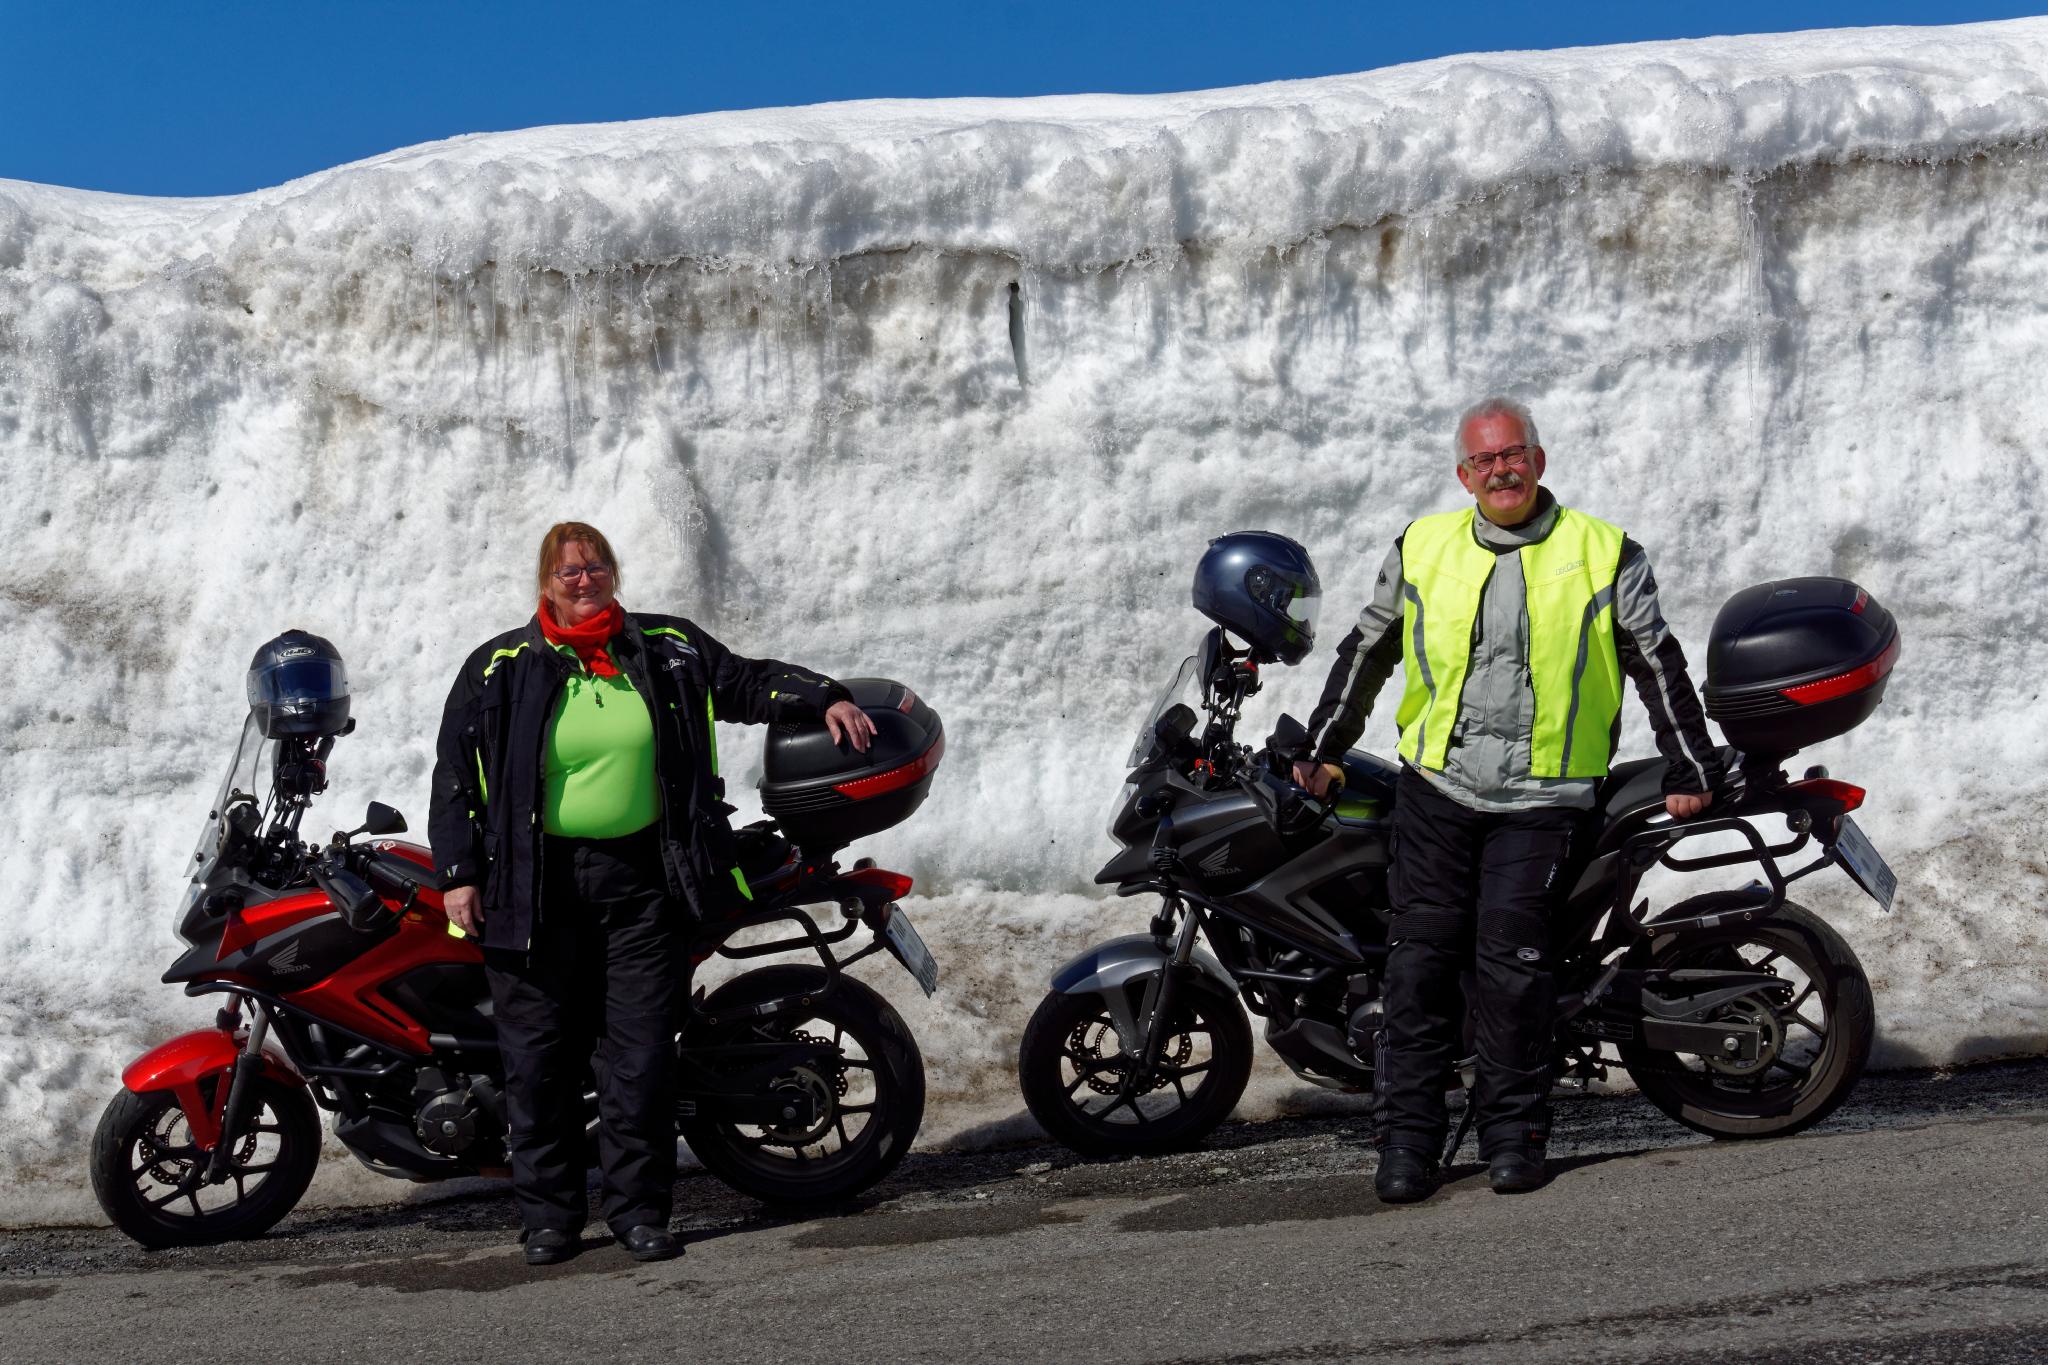 Motorradtour an Schneewänden entlang